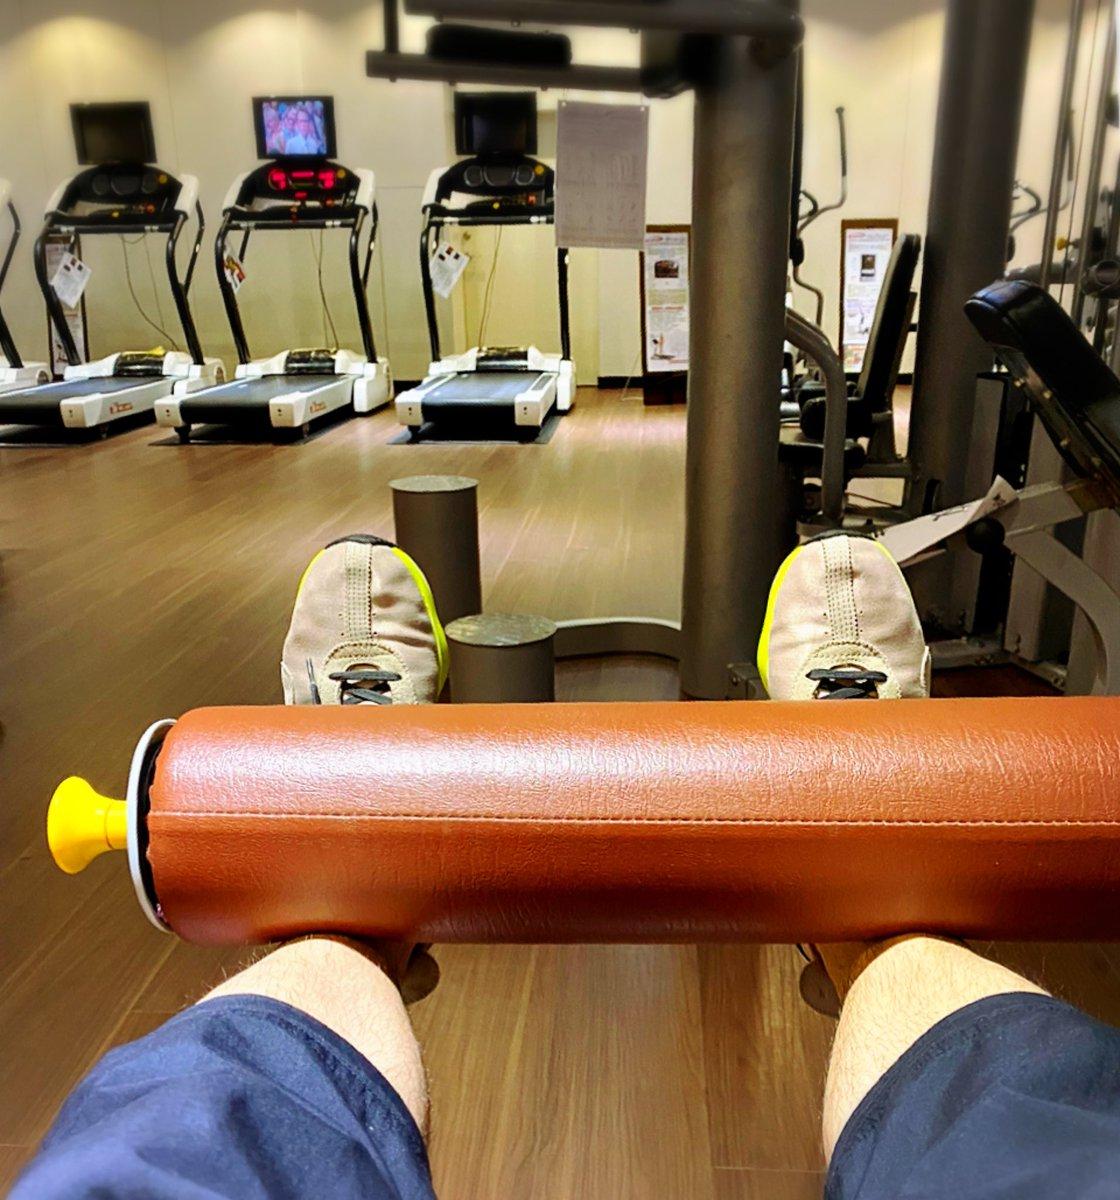 出力出力! 💪🏻💪🏻💪🏻 再撐一下就好了 #gym #fitness #workout #weekend #weekendnight #周末活動 #運動 #健身 #重訓 #健身中心